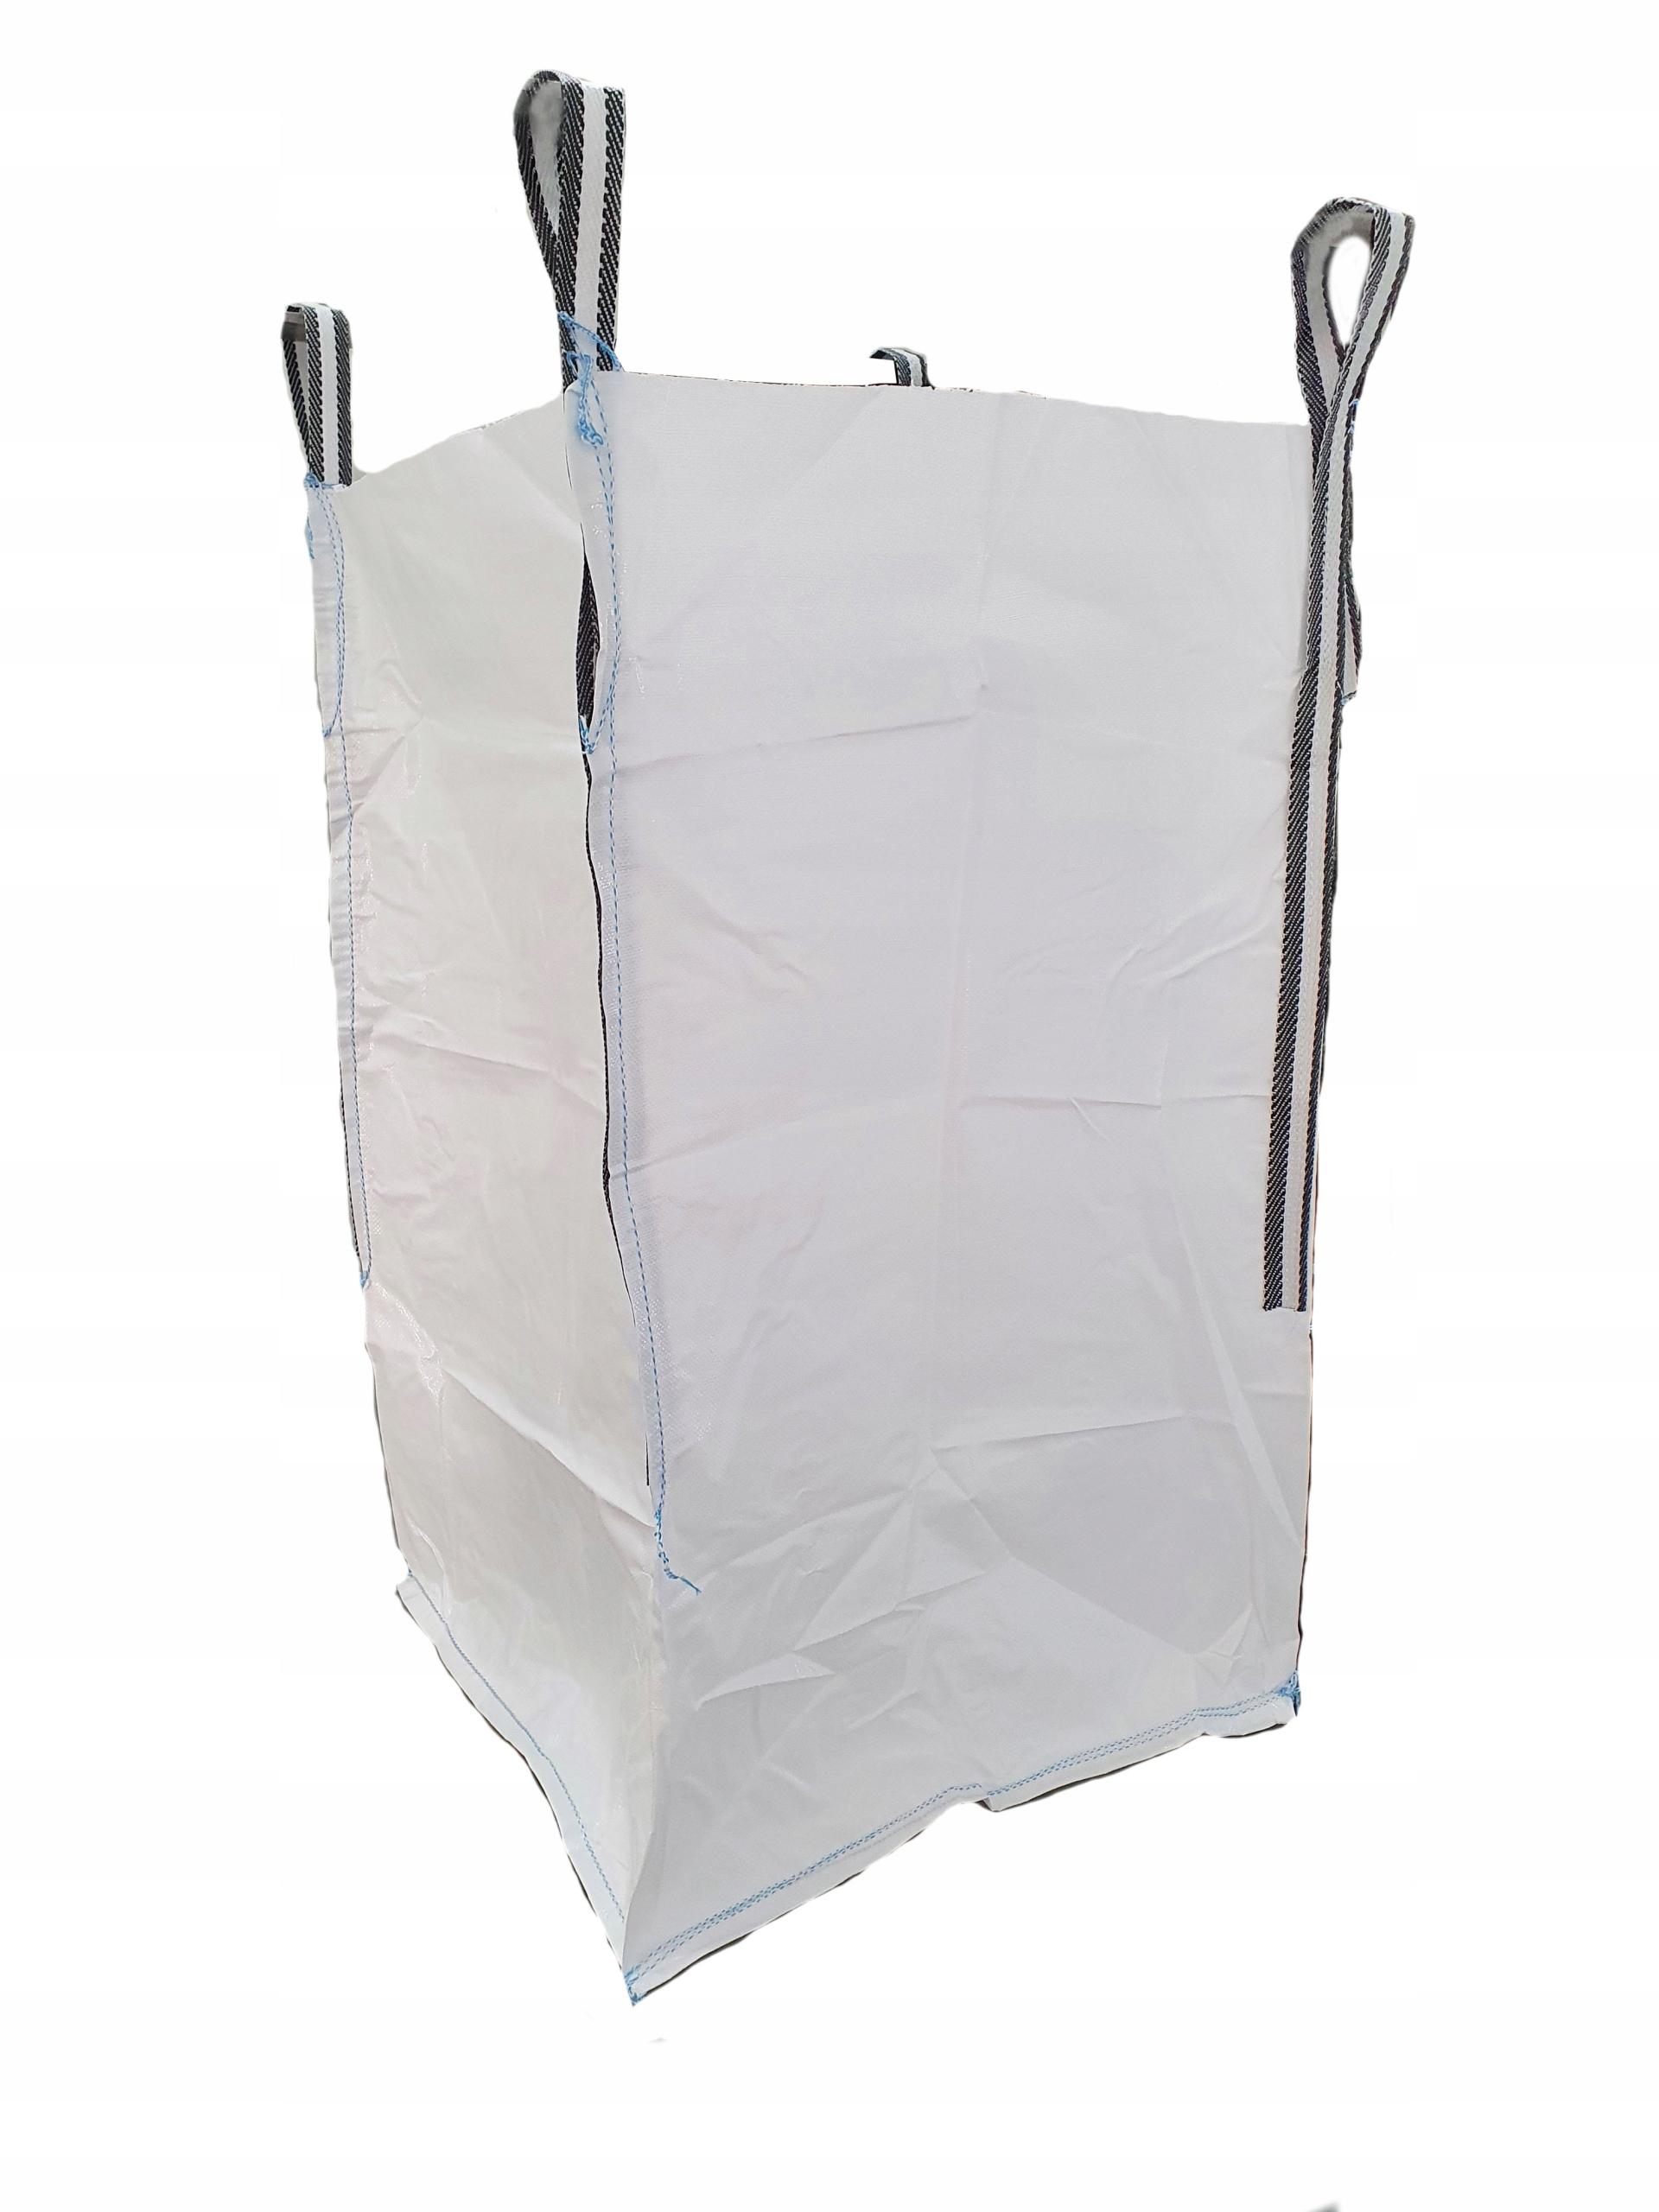 Worek BigBag Kontenerowy 90x90x120cm Nowy Big Bag